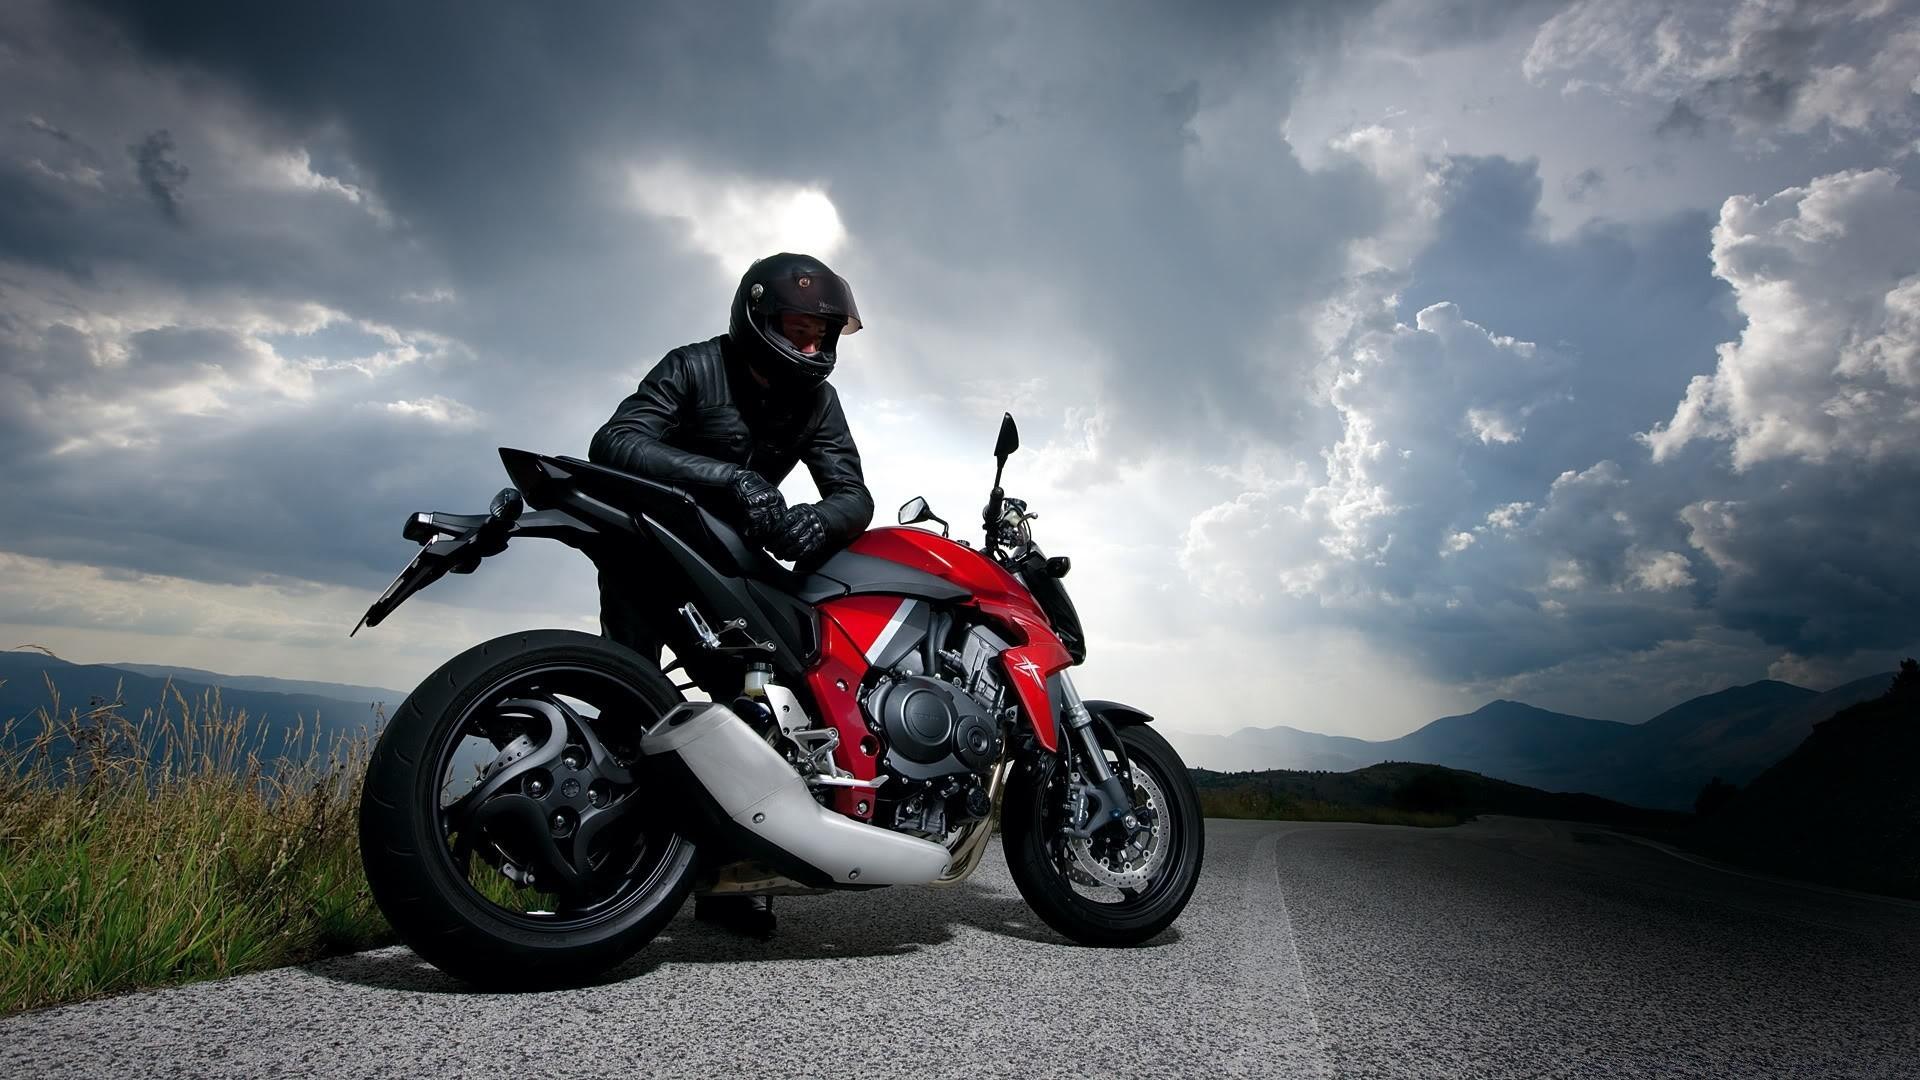 Картинки на рабочий стол красивые мотоциклы